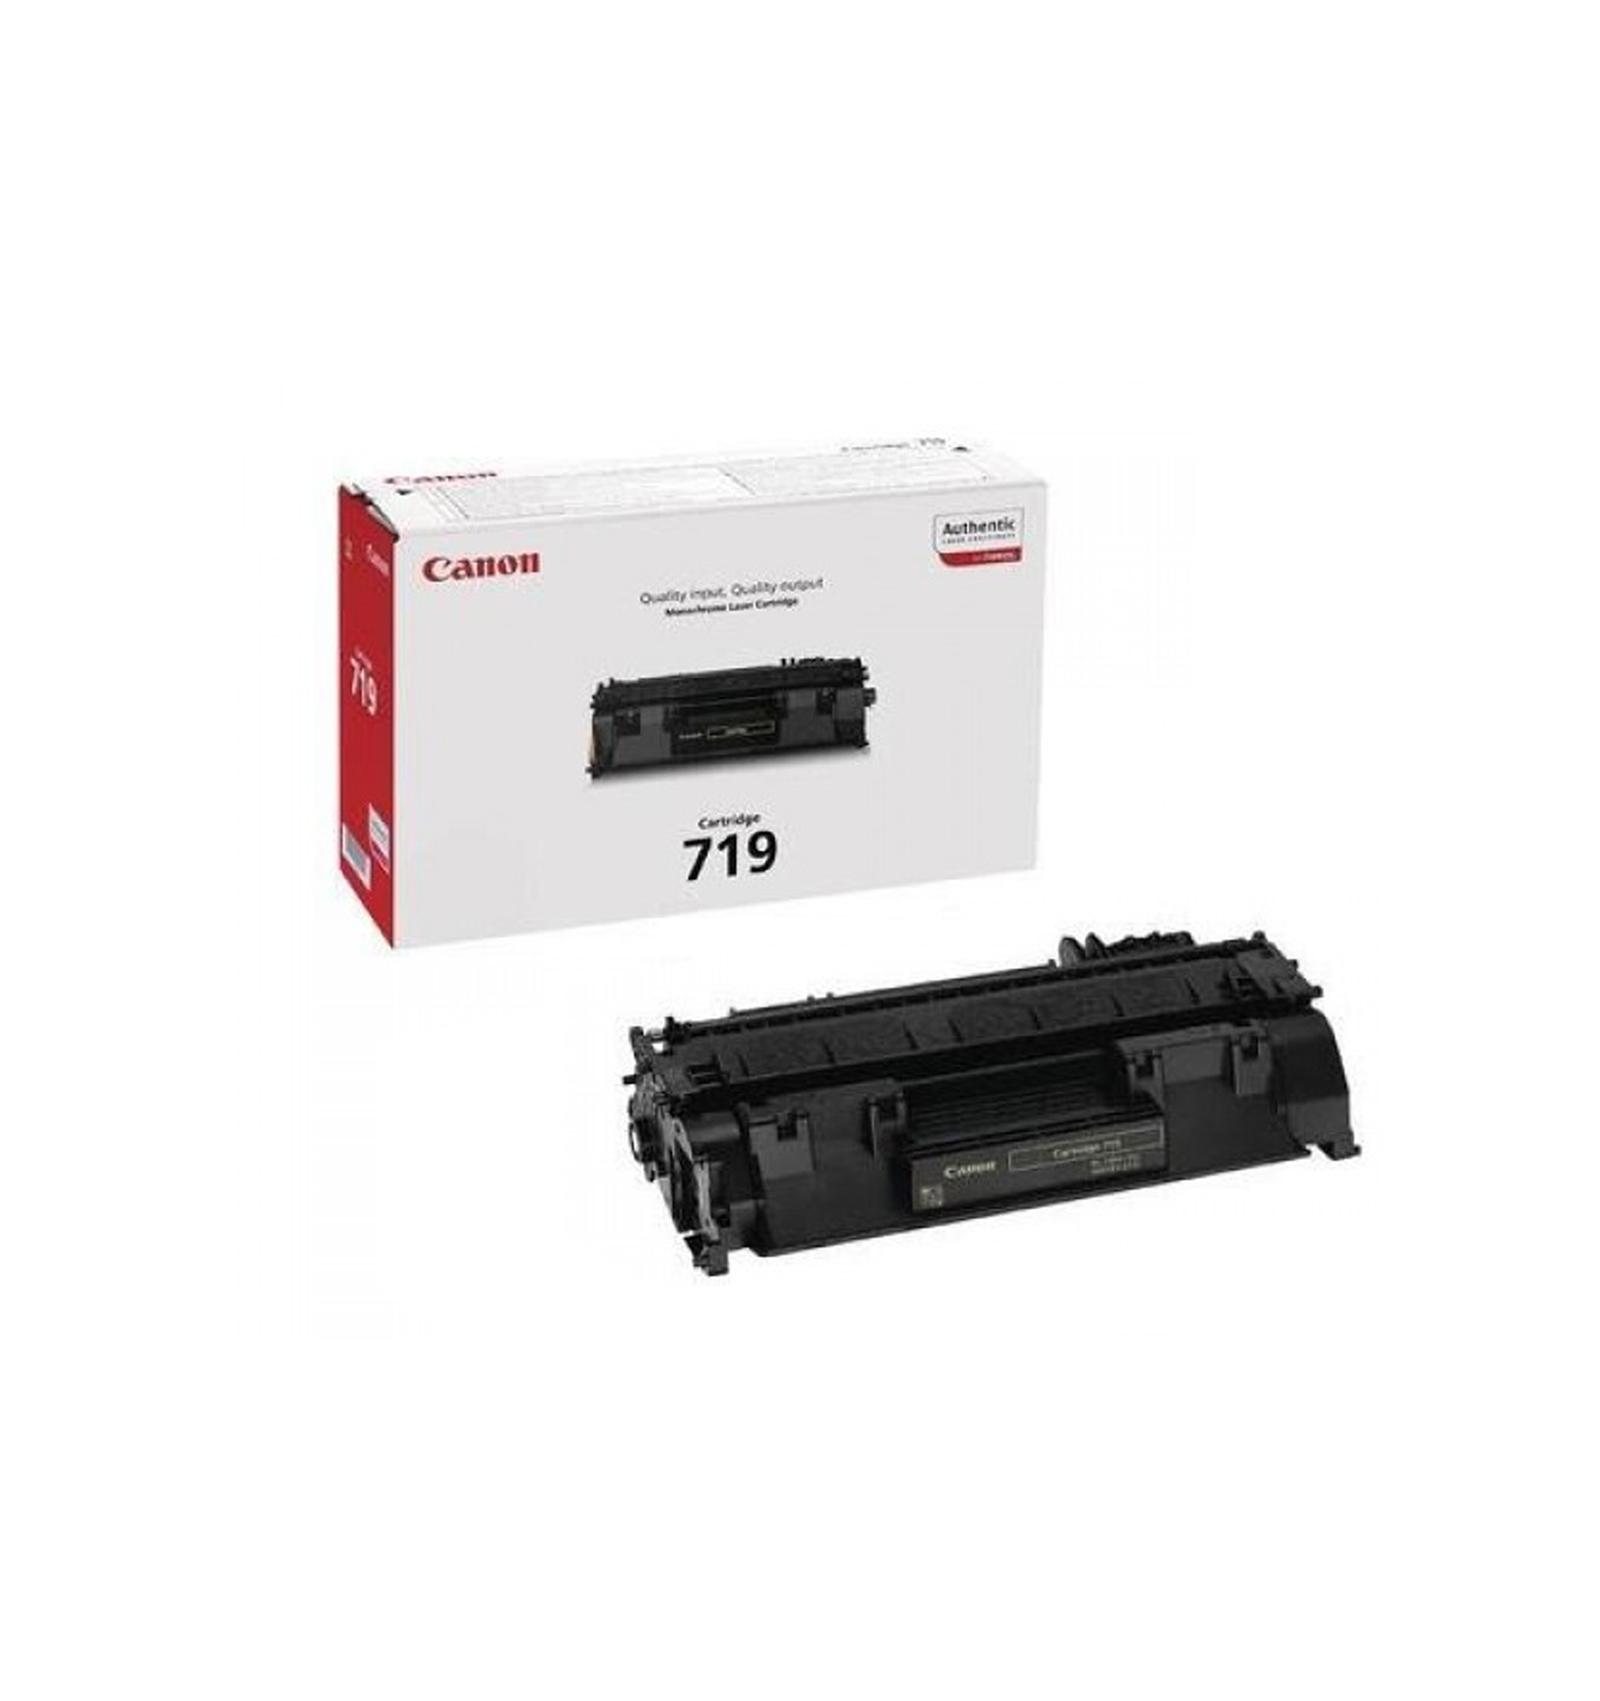 Canon 719 для i-SENSYS LBP6300dn/LBP6310dn/ LBP6650dn/LBP6680x/MF5840dn/MF5880dn